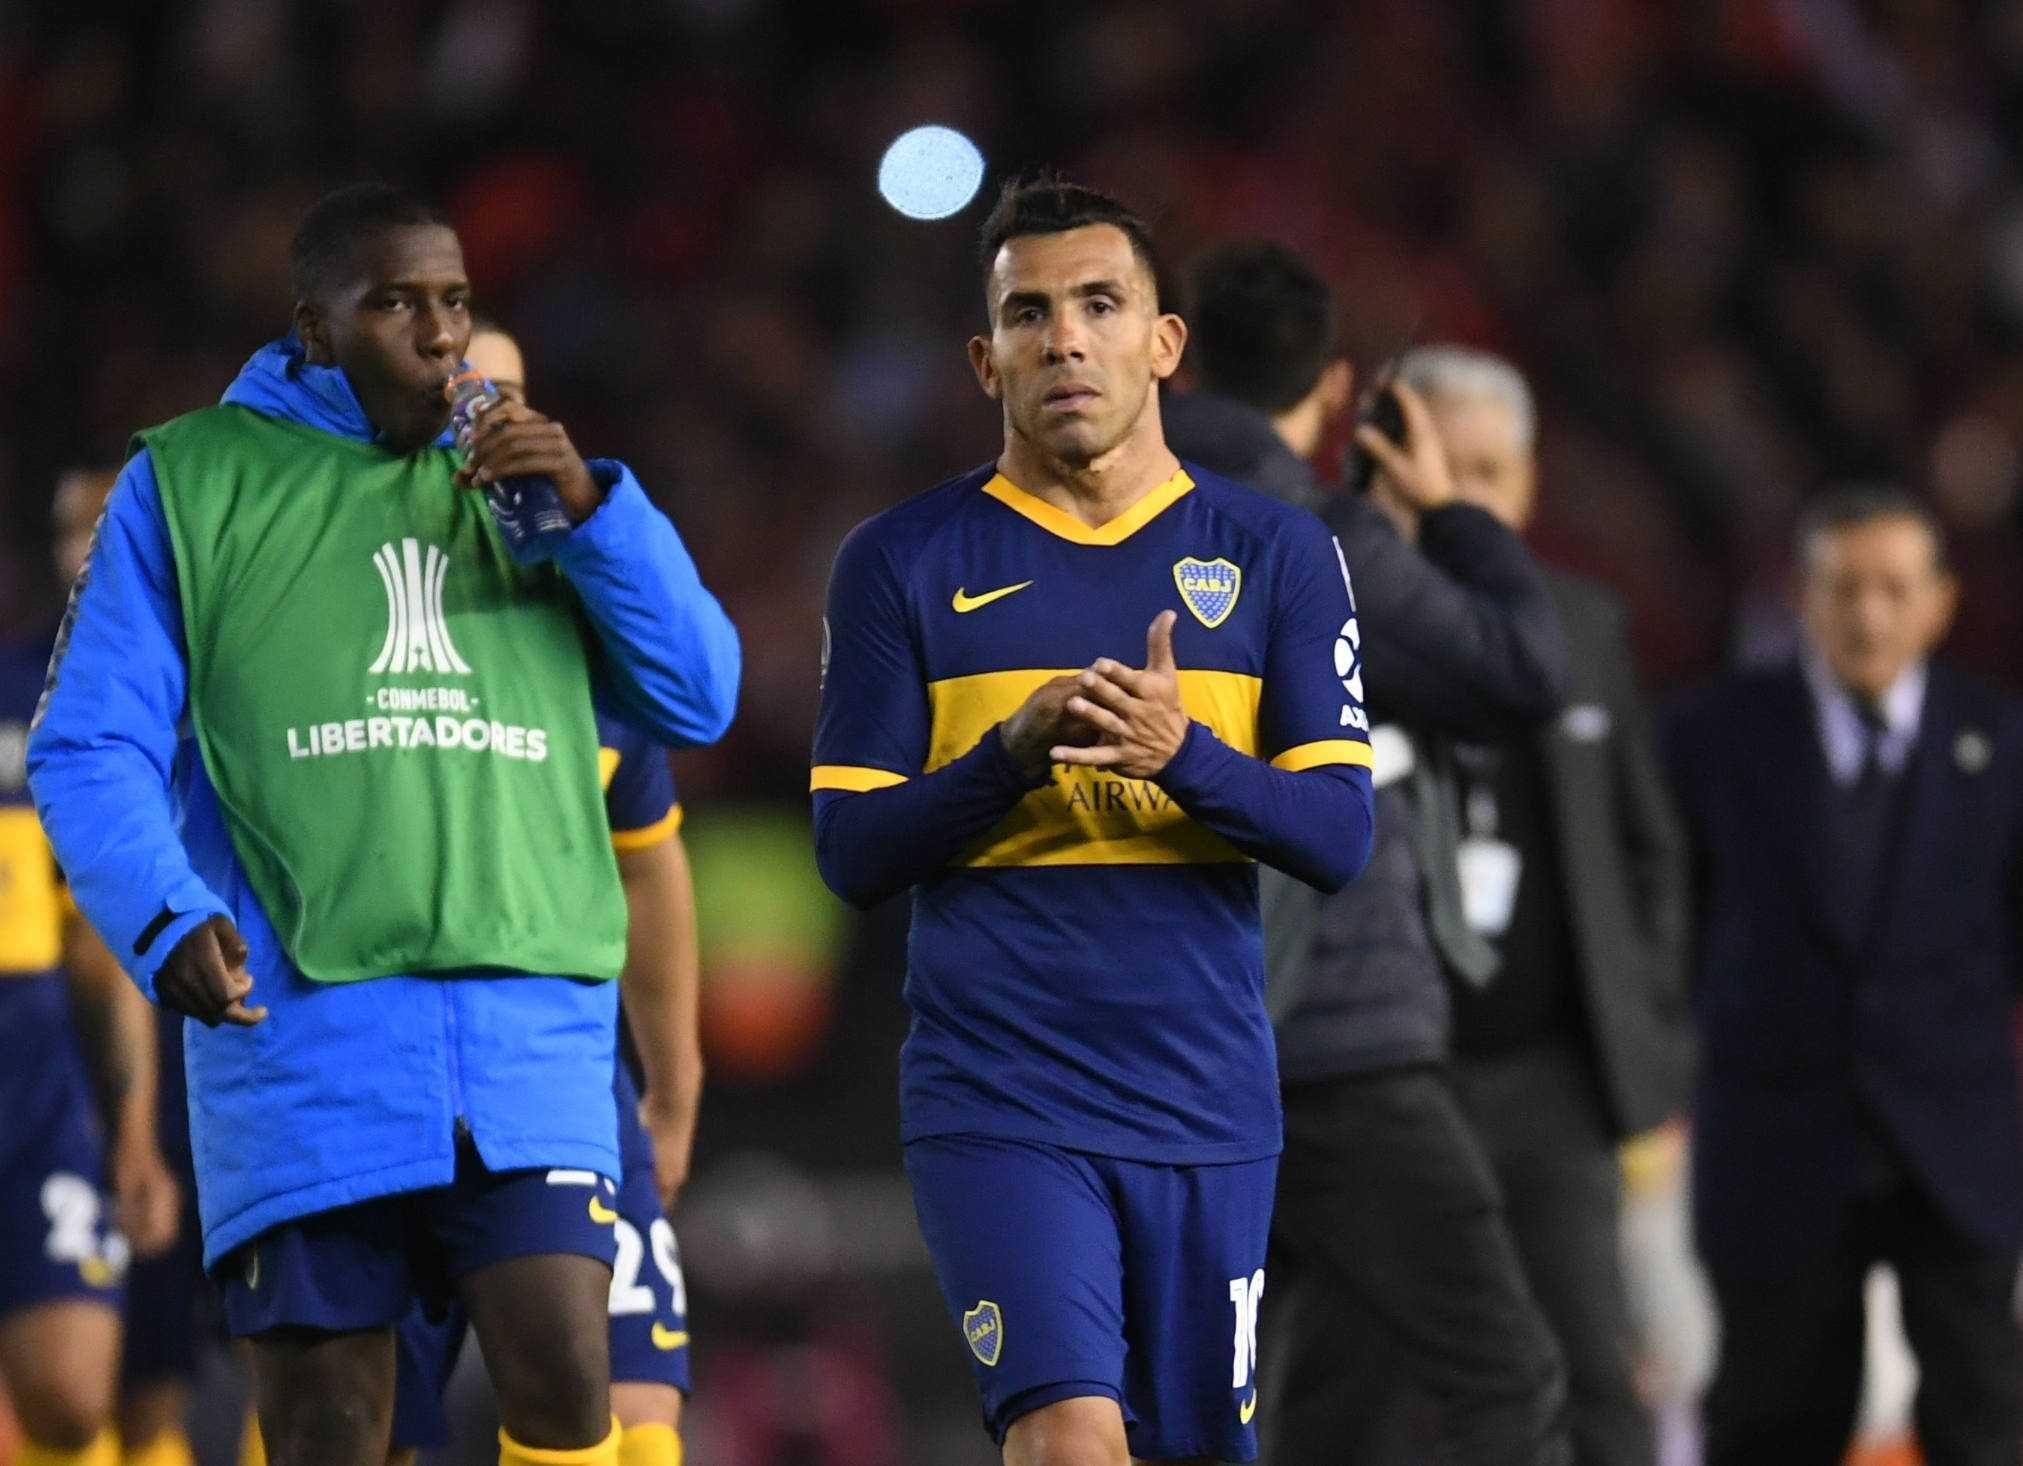 ¿No juega más en Boca? Tevez se desgarró y su futuro es incierto